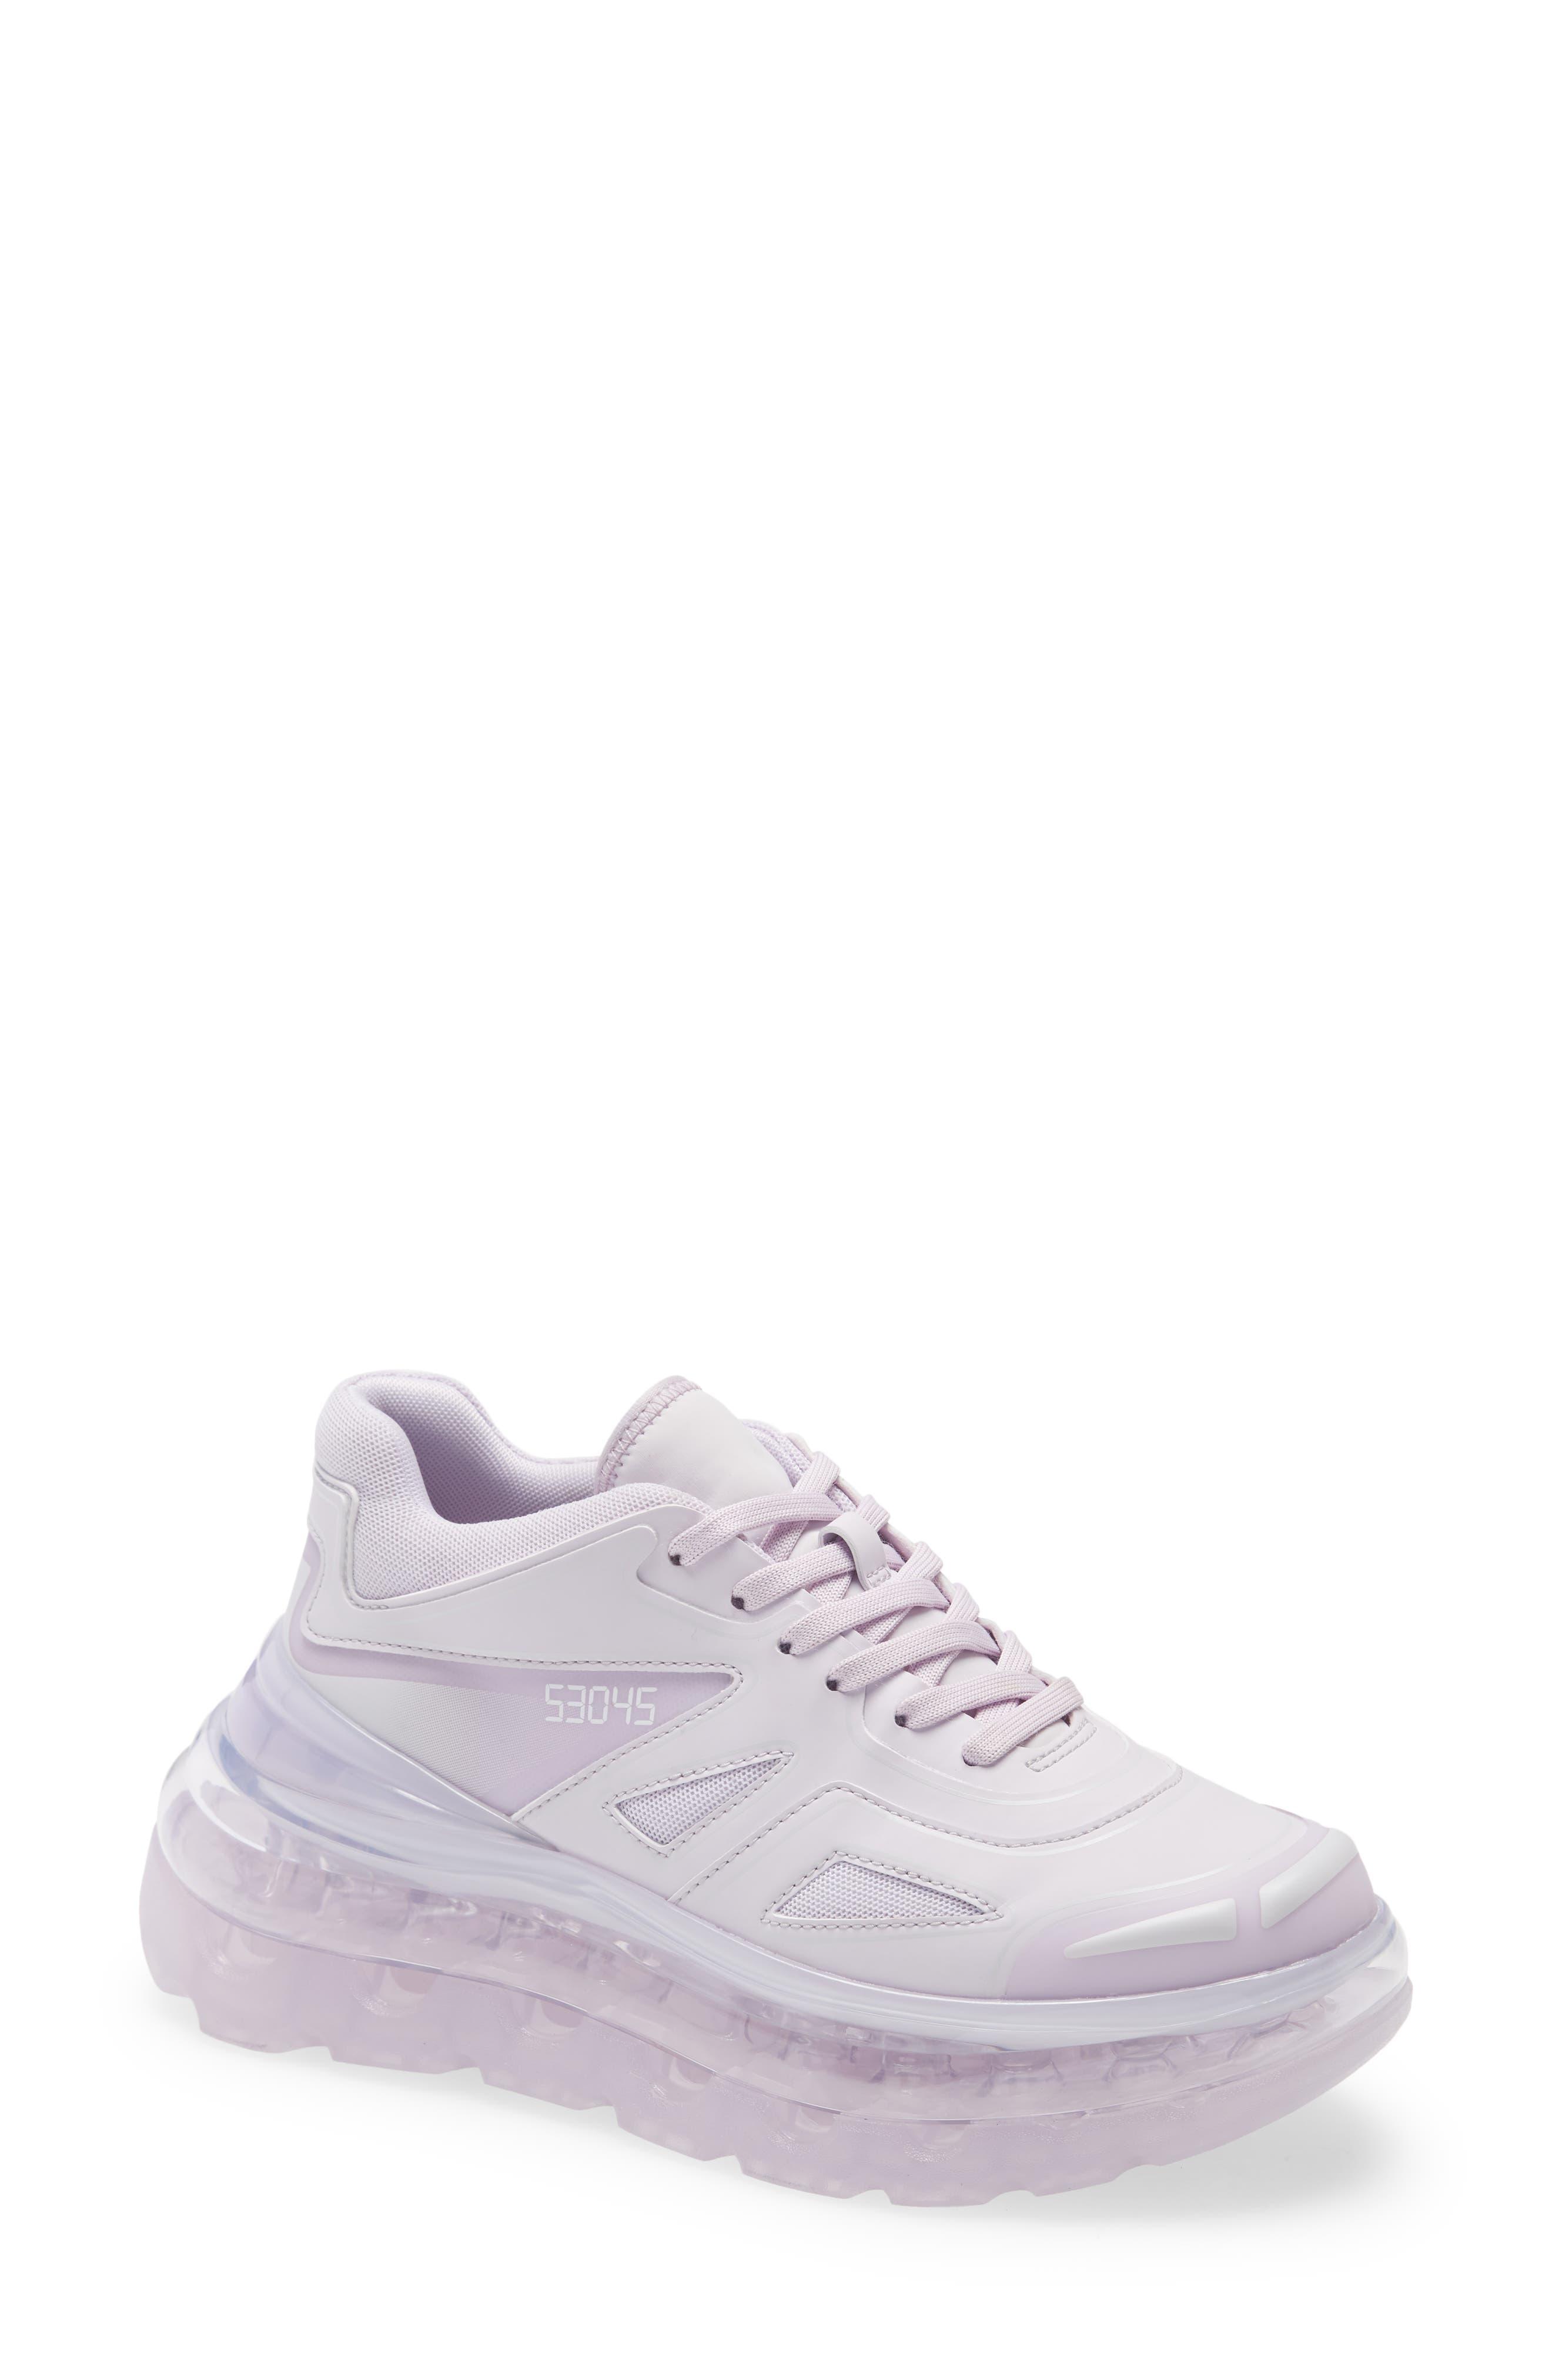 Shoes 53045 Bump'Air Platform Sneaker, Size 12US - Purple (Nordstrom Exclusive)